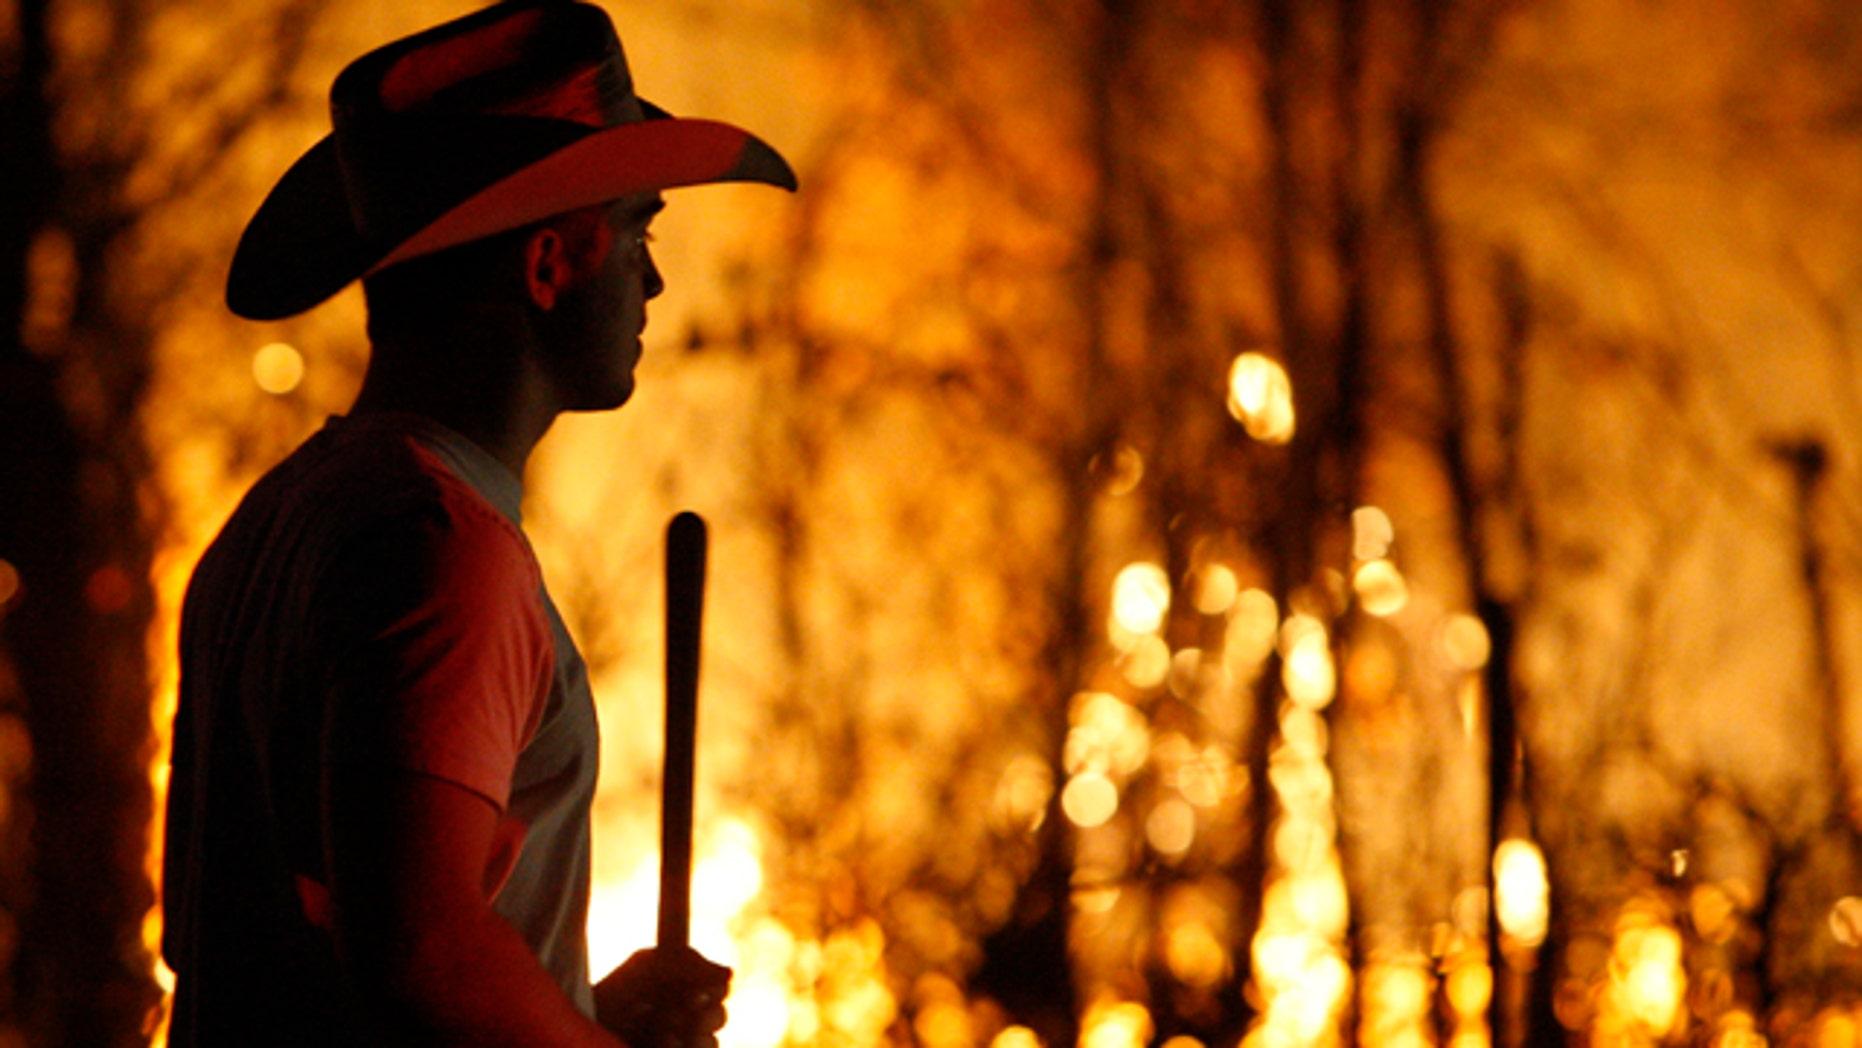 March 11, 2011: Taylor Sheets carries a shovel as he walks past a grass fire near Harrah, Okla.